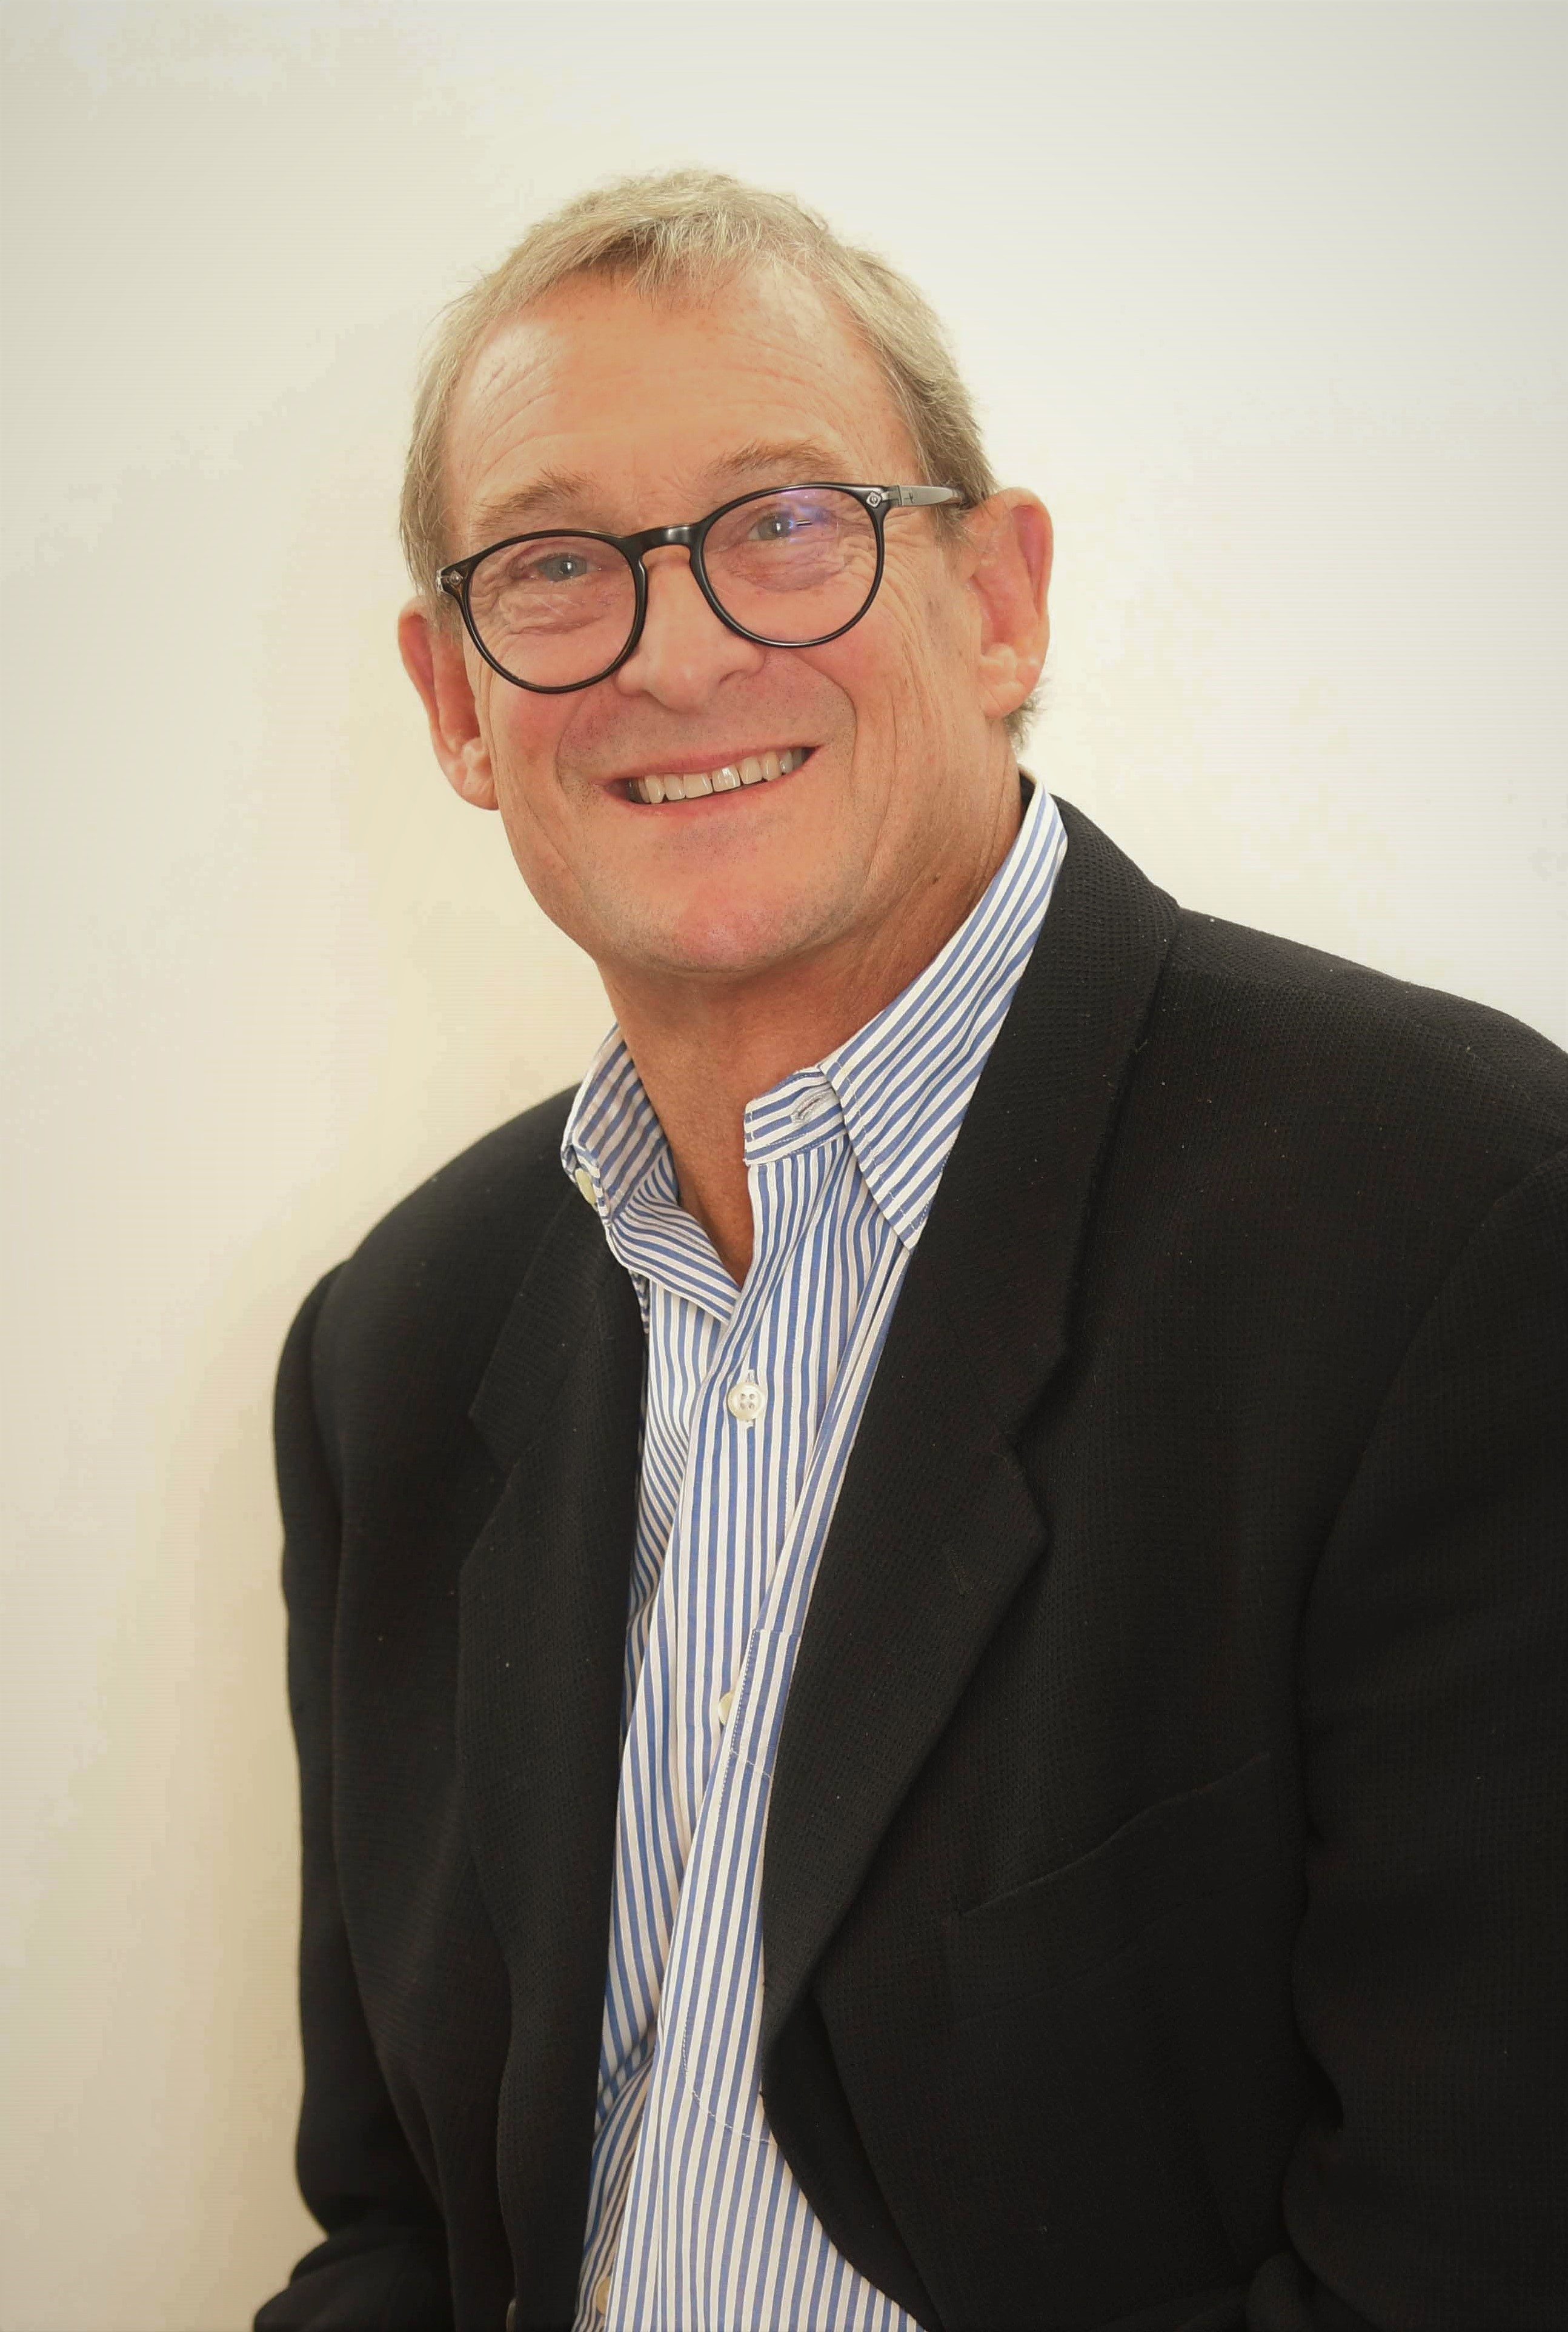 Kris Werner